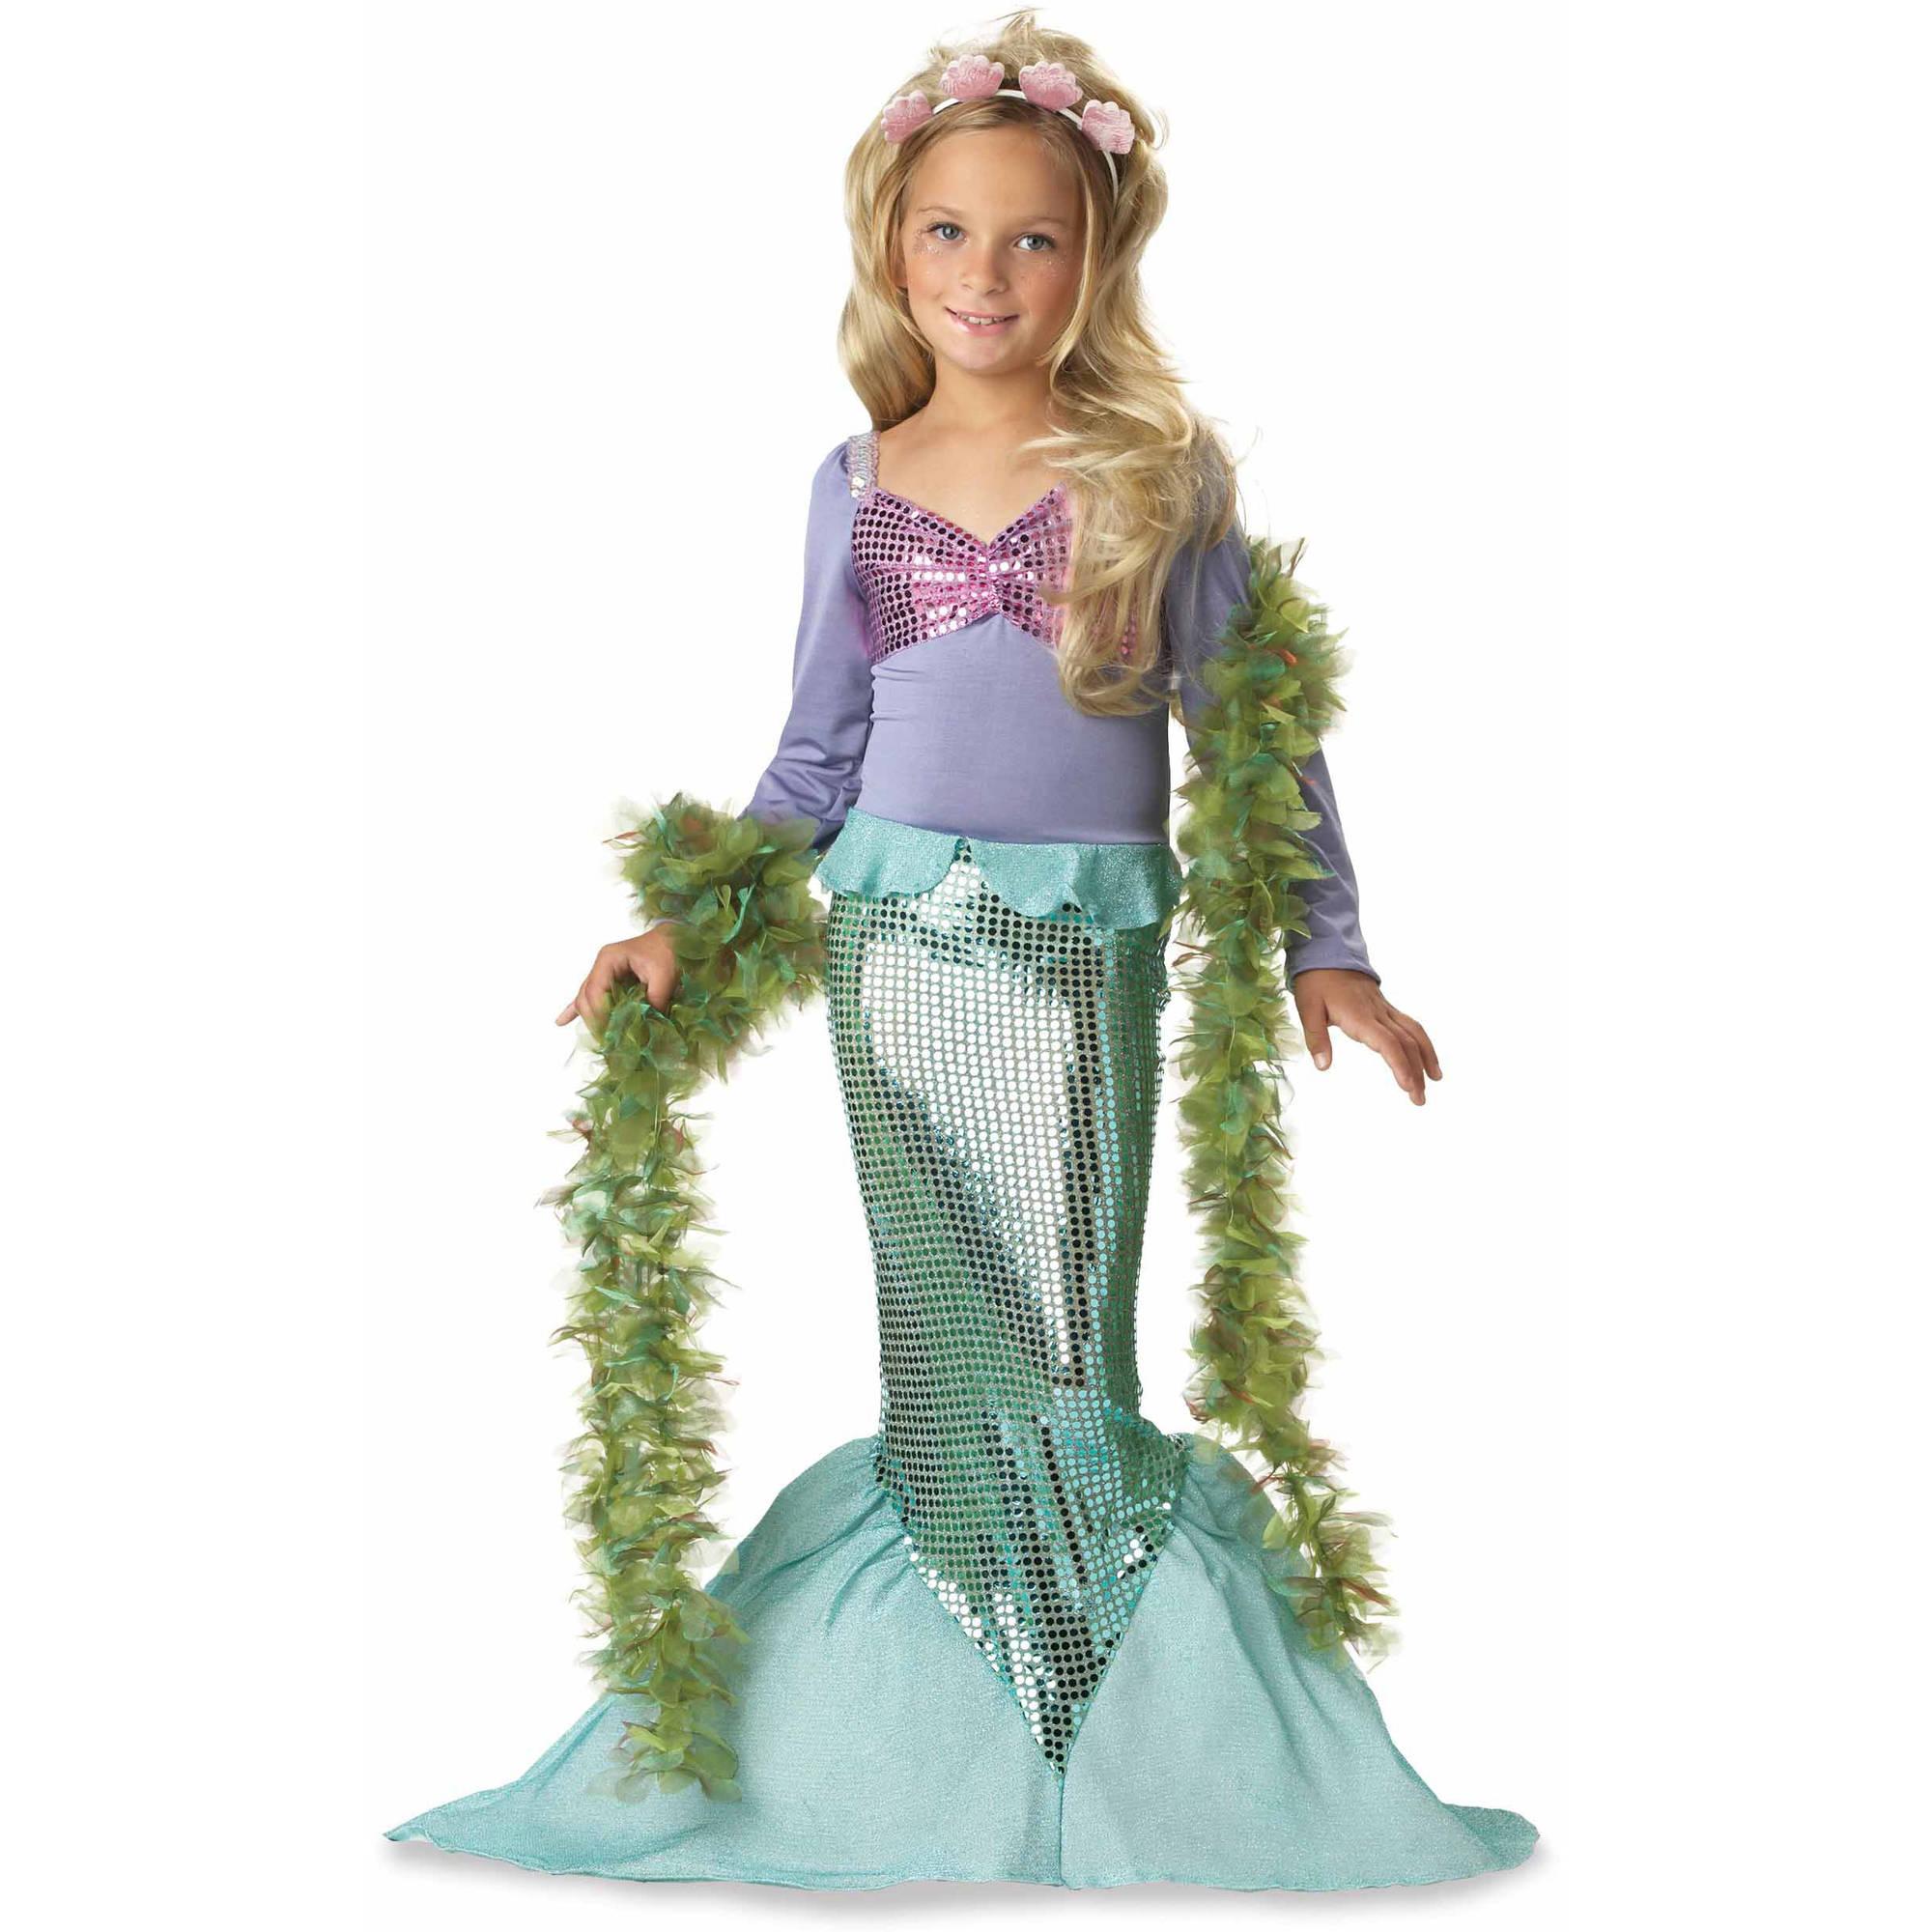 Arielle, die Meerjungfrau - ein tolles Halloweeen Kostüm Kinder